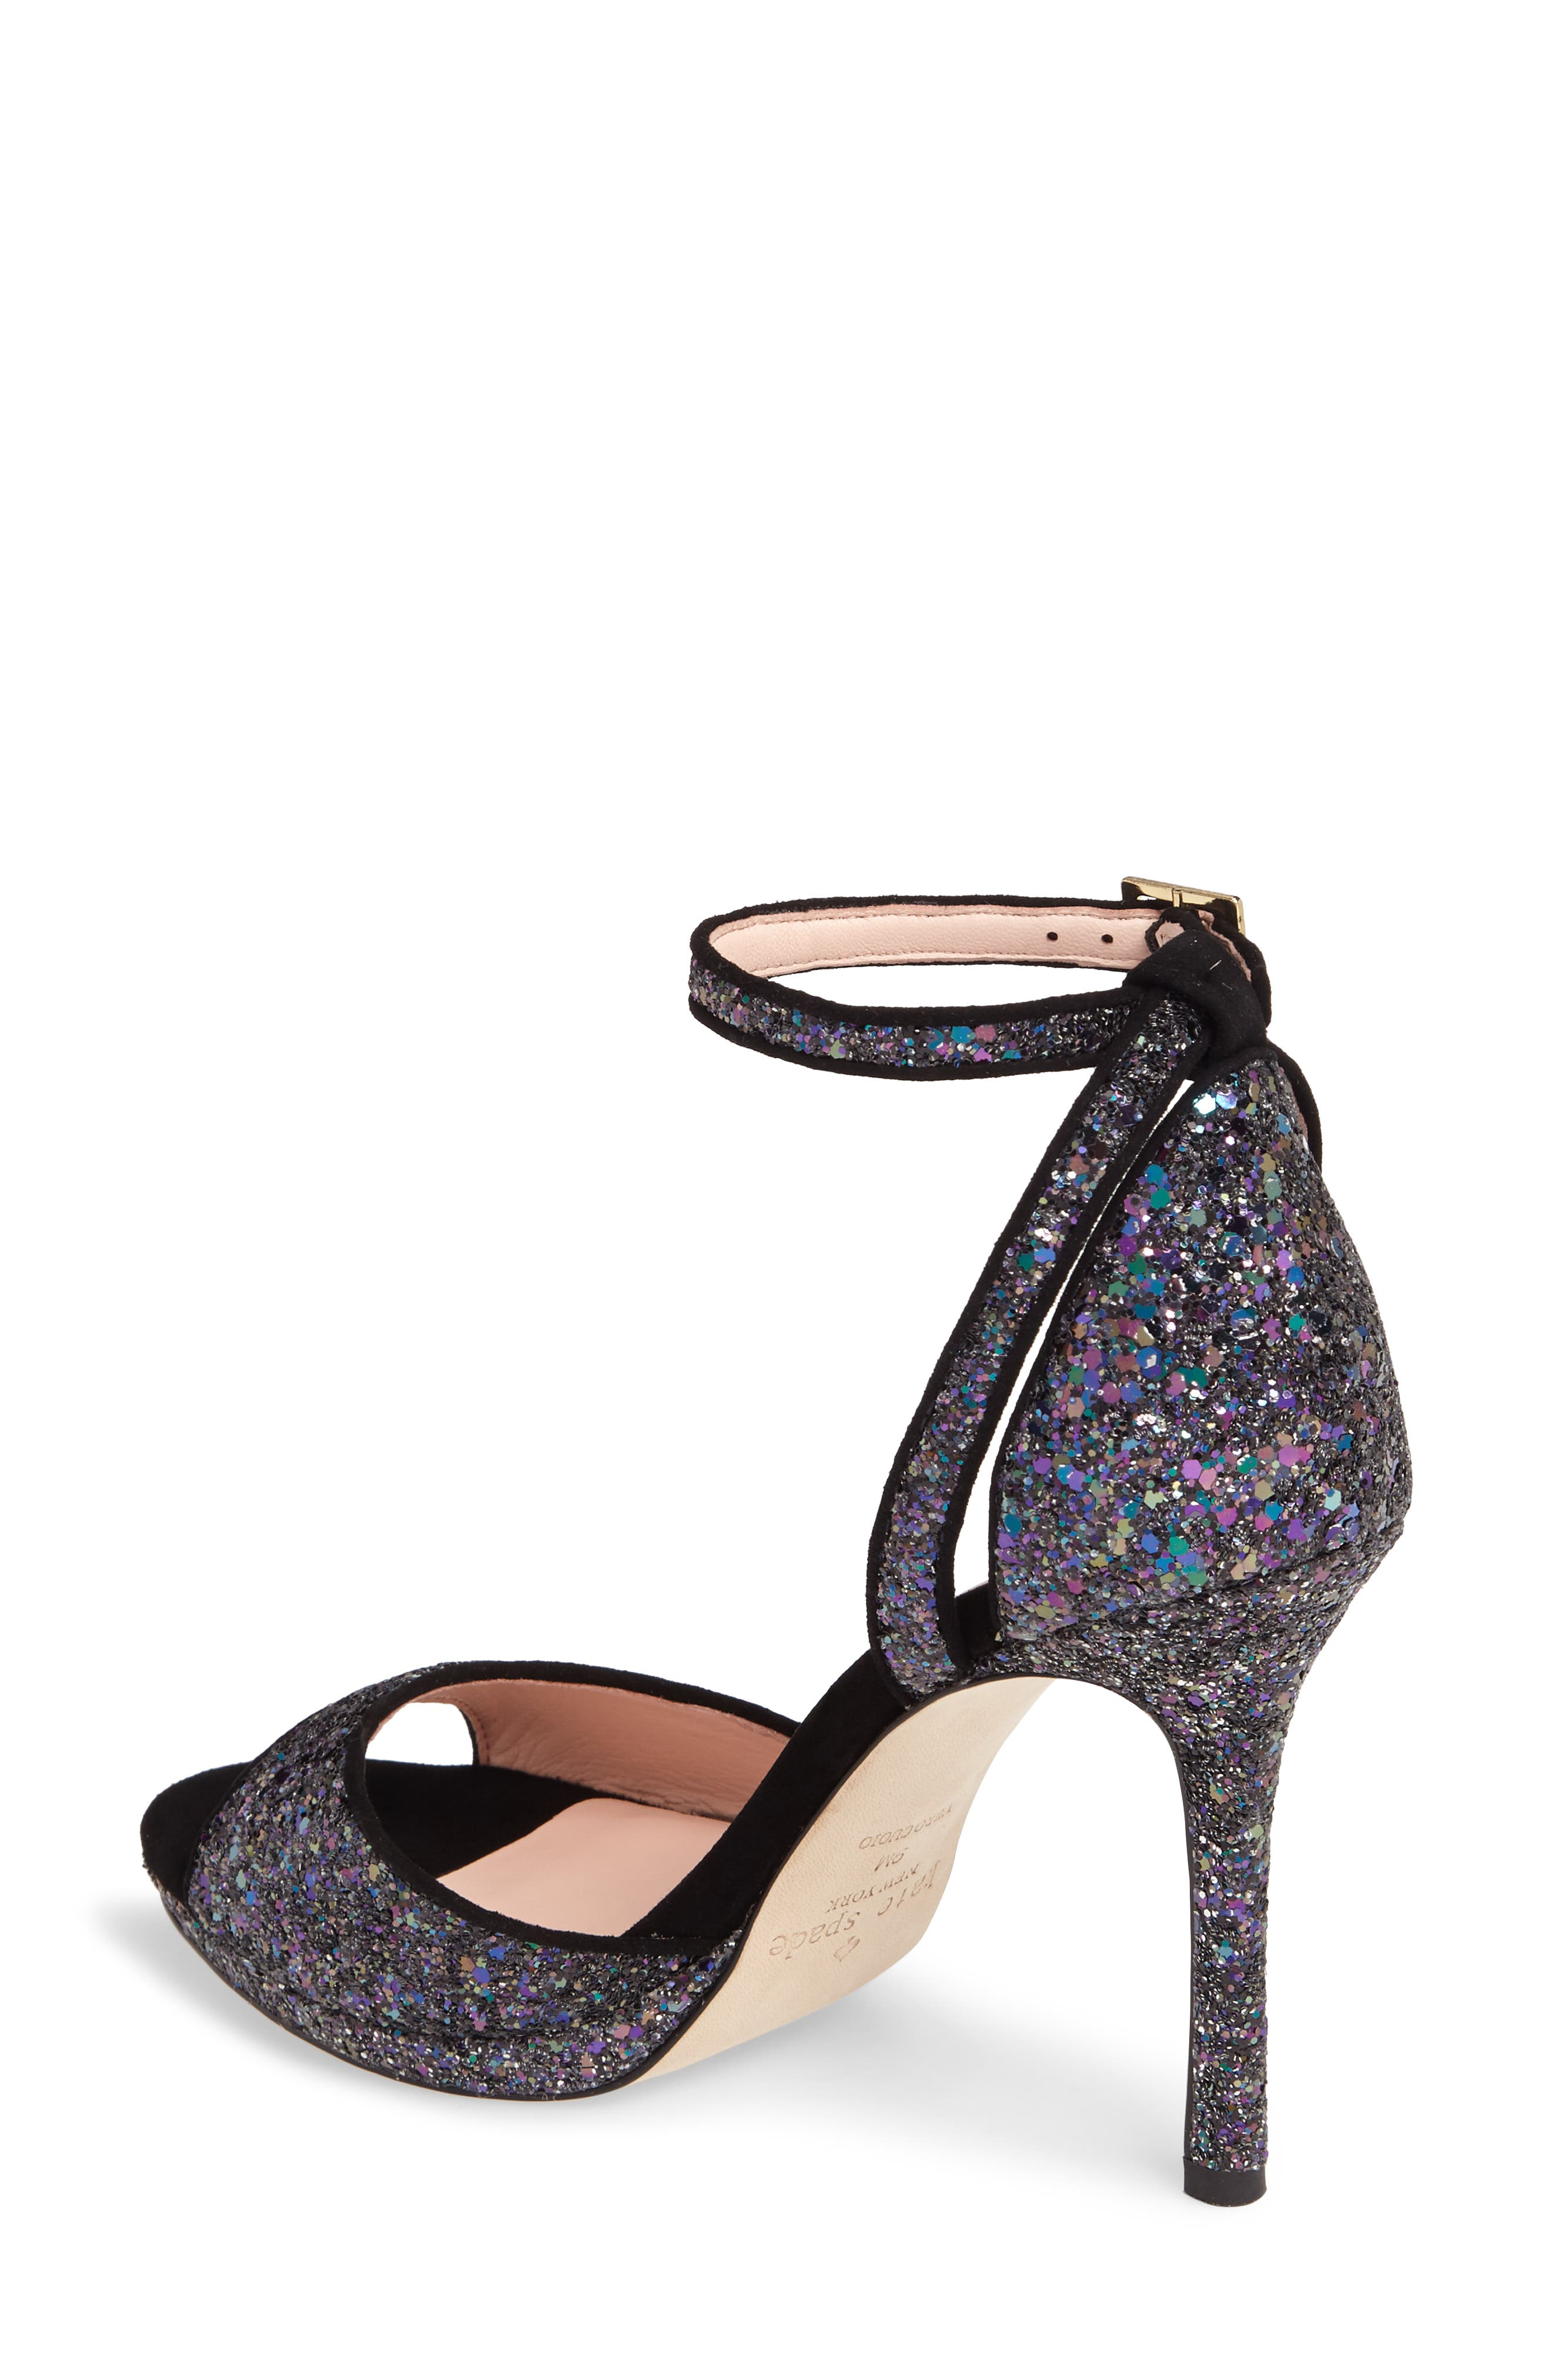 kate spade franklin sandal,                             Alternate thumbnail 2, color,                             Midnight Glitter